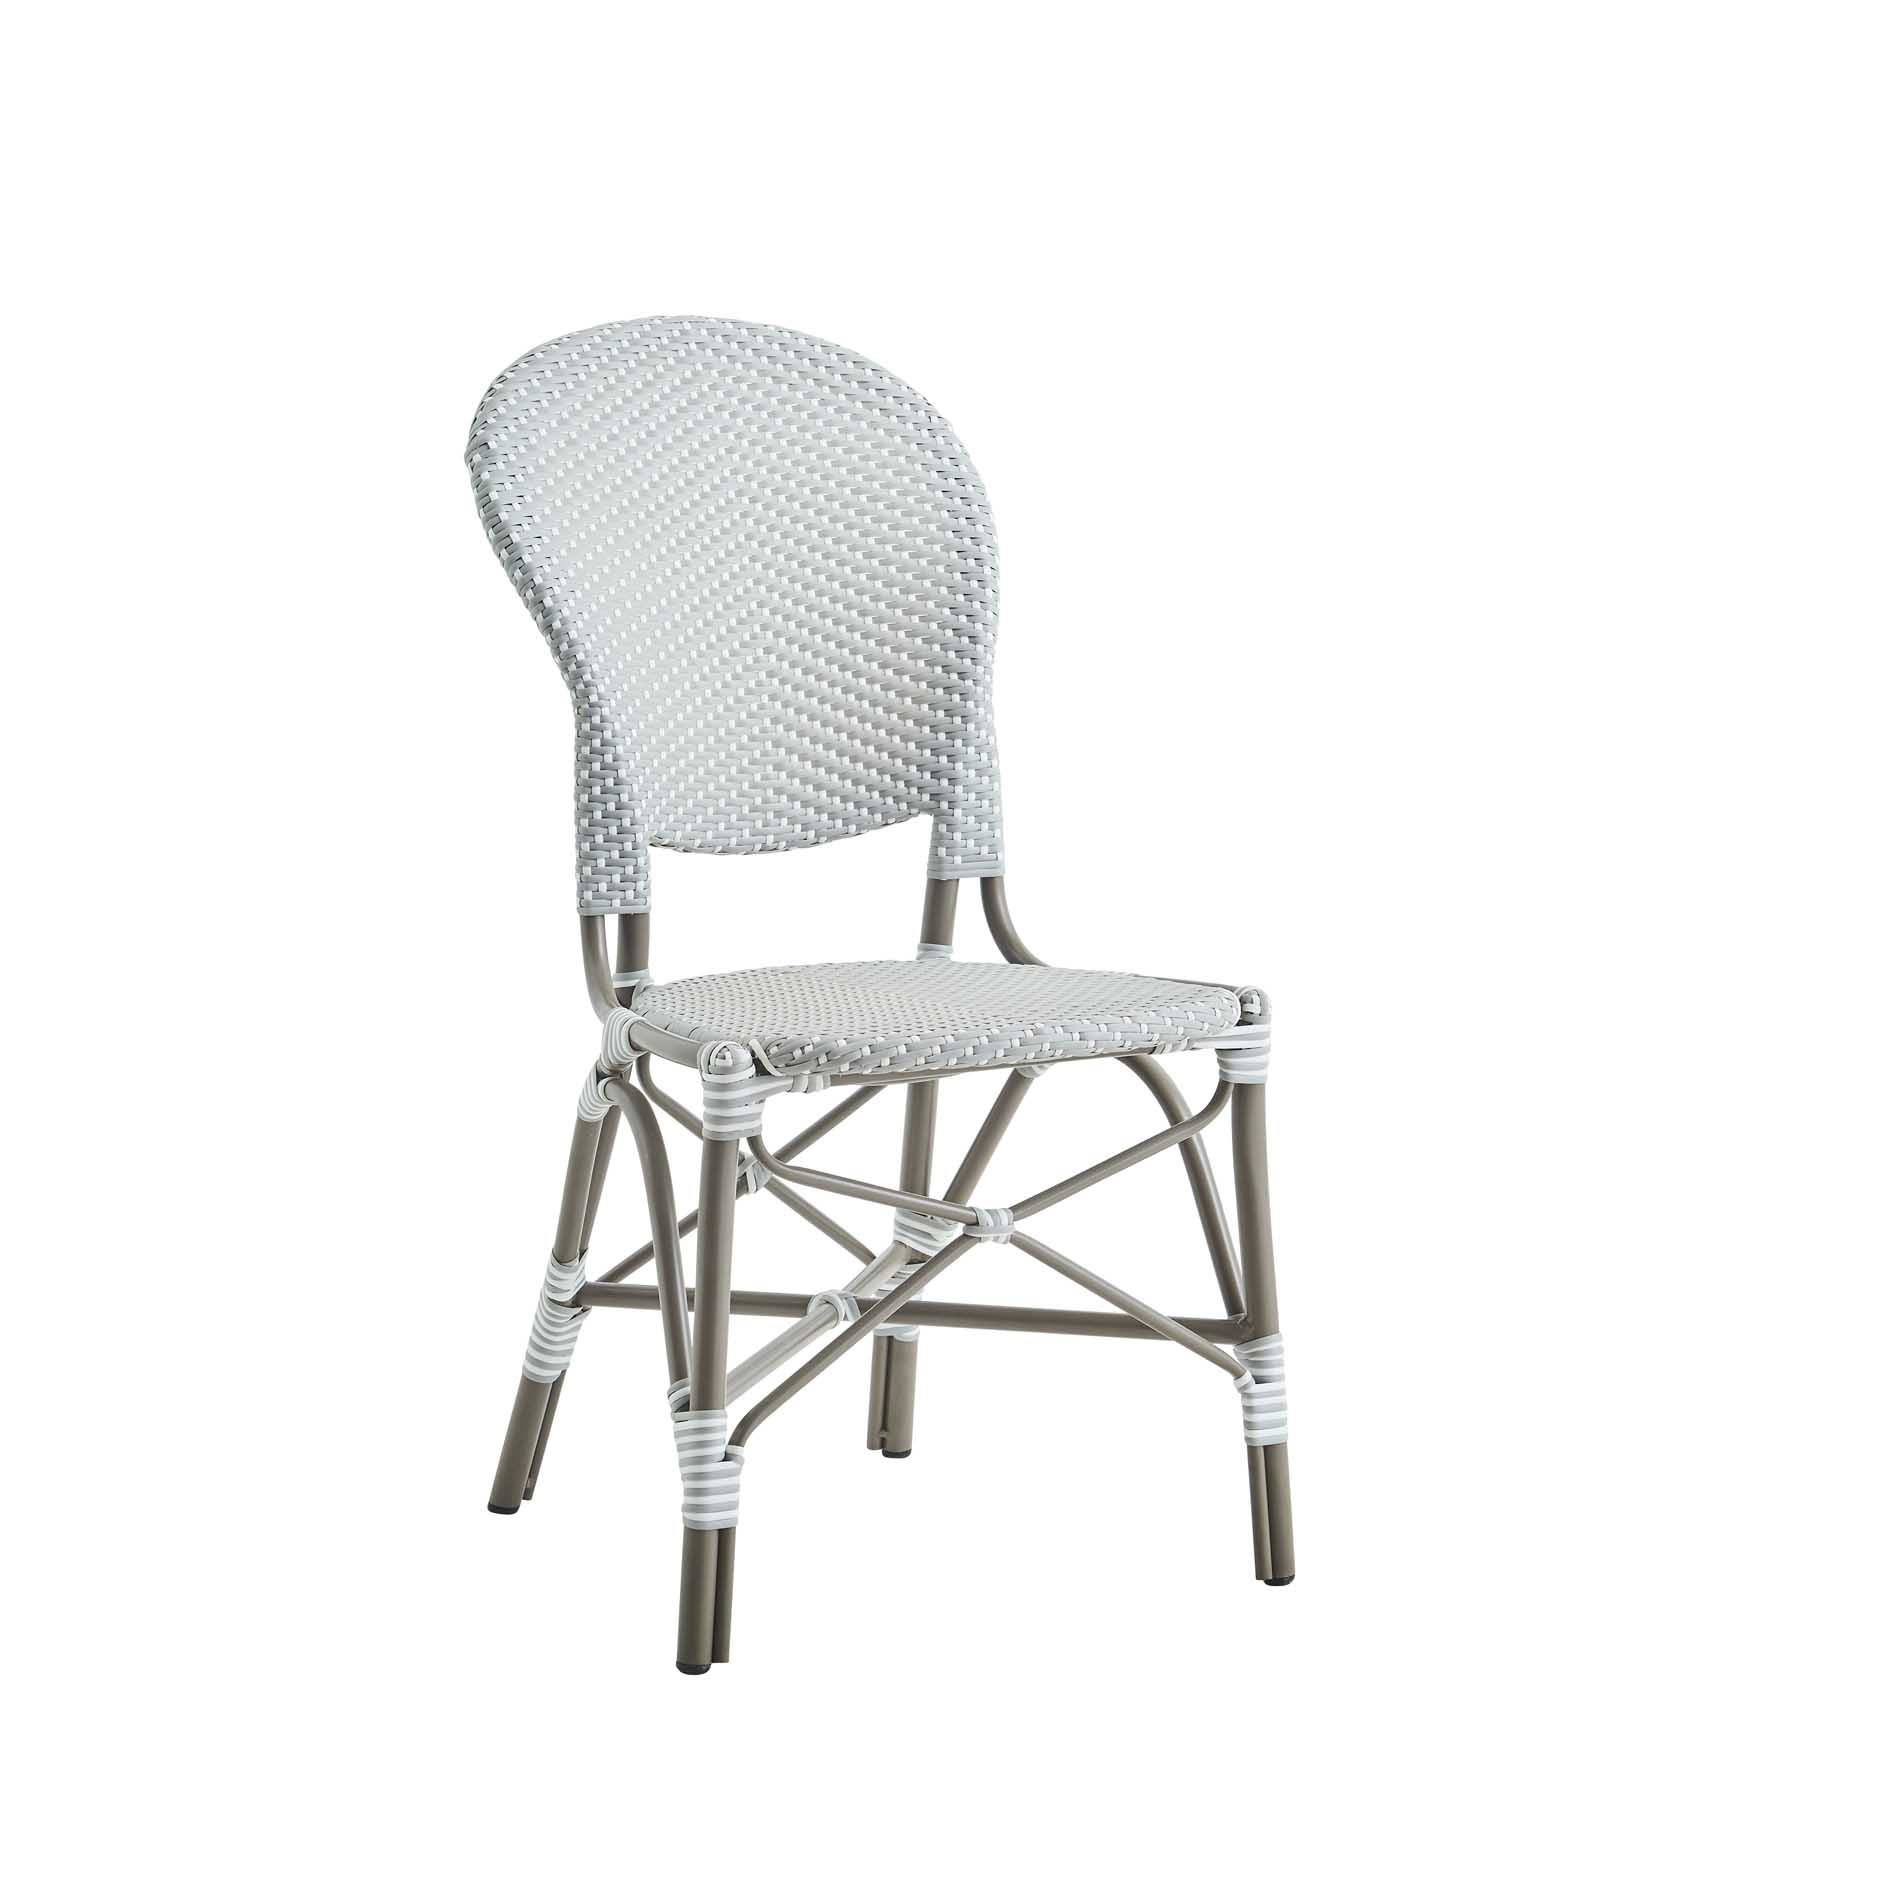 Chaise repas en aluminium et fibre synthétique grise